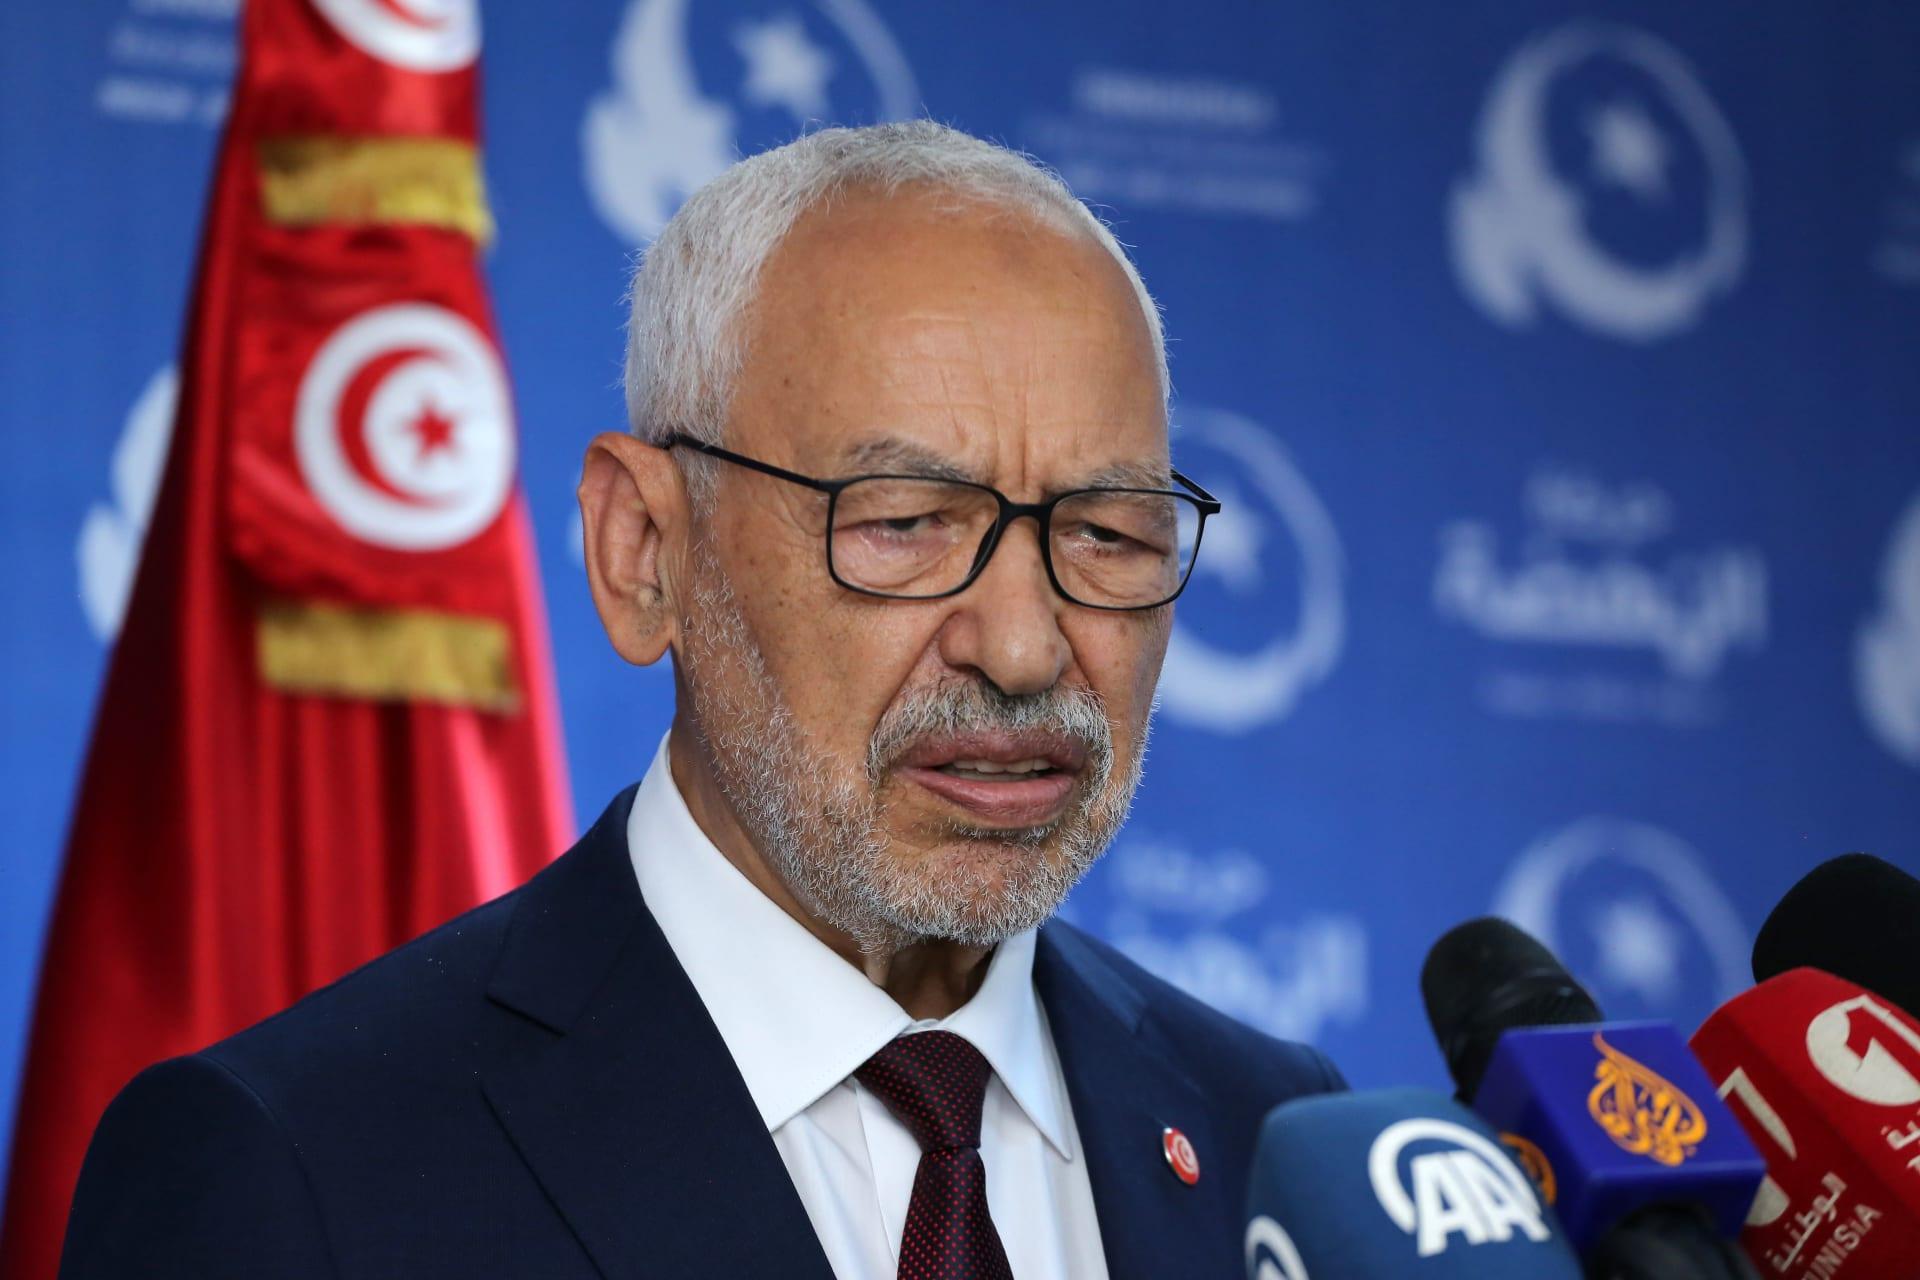 بعد يوم من تصريحات قيس سعيد.. حركة النهضة التونسية تتبنى خيار سحب الثقة من حكومة الفخفاخ